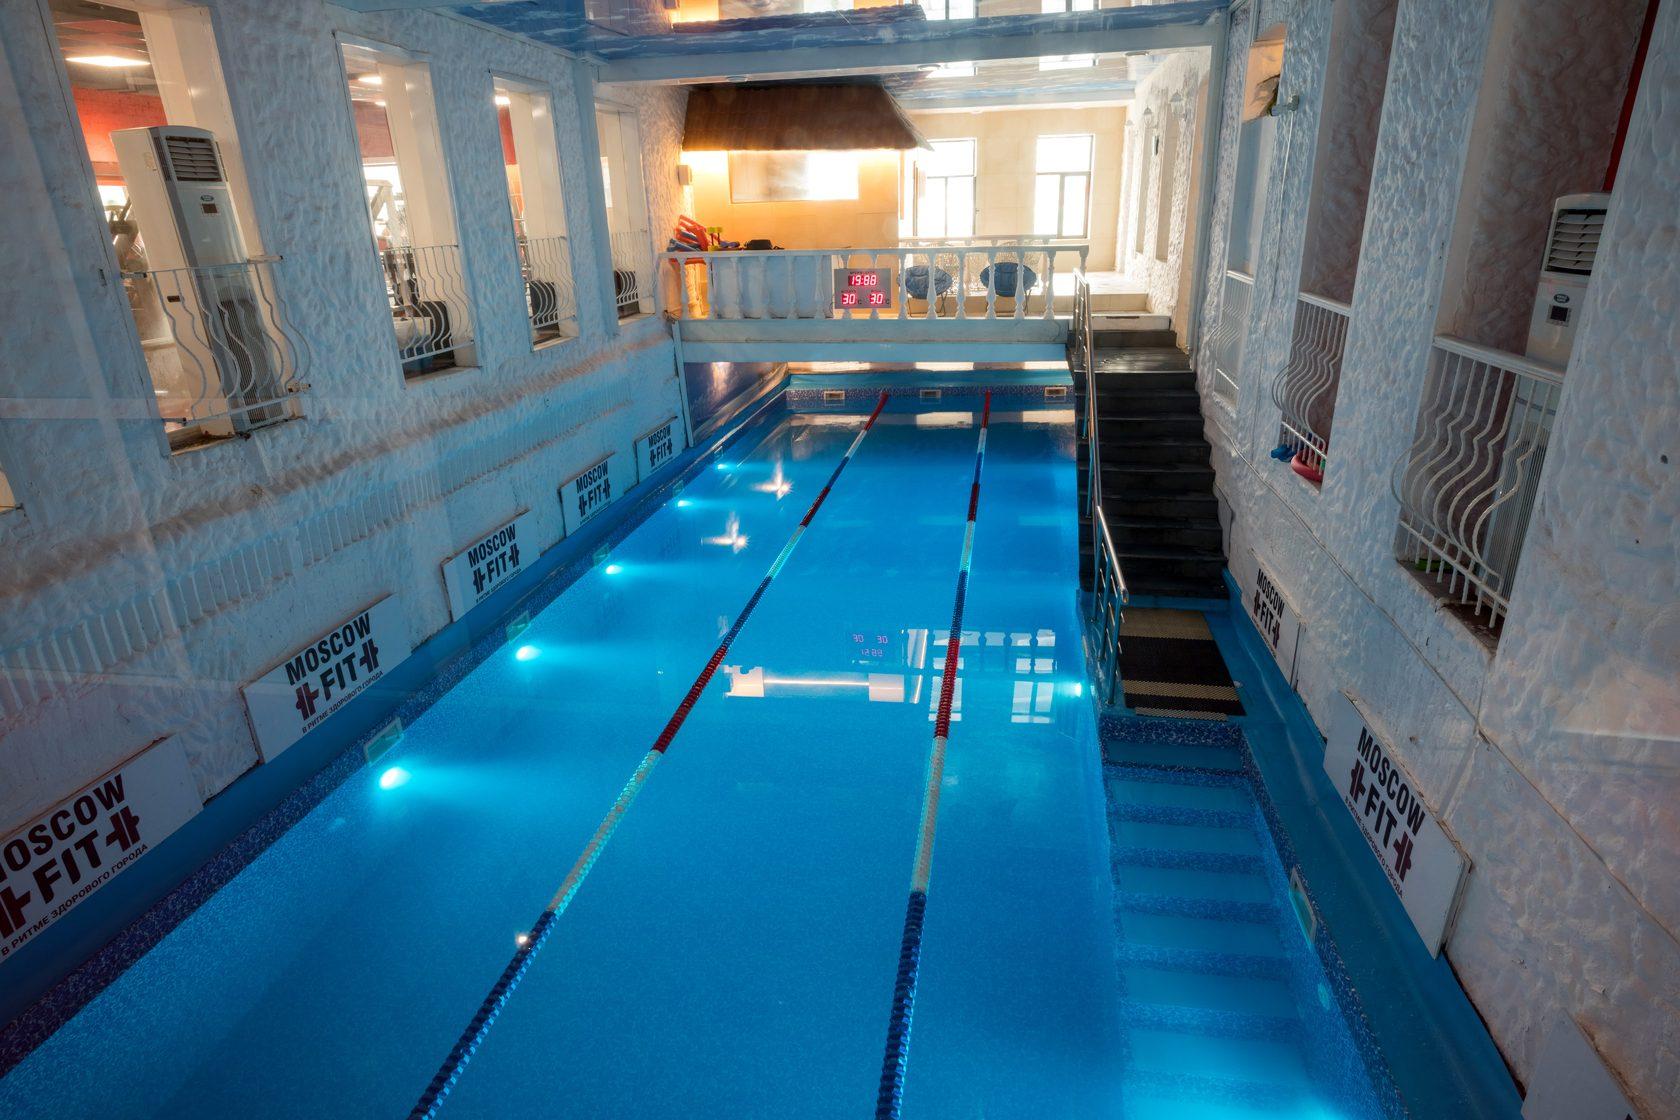 Вакансии в фитнес клубах с бассейном москвы детский клуб до года москва